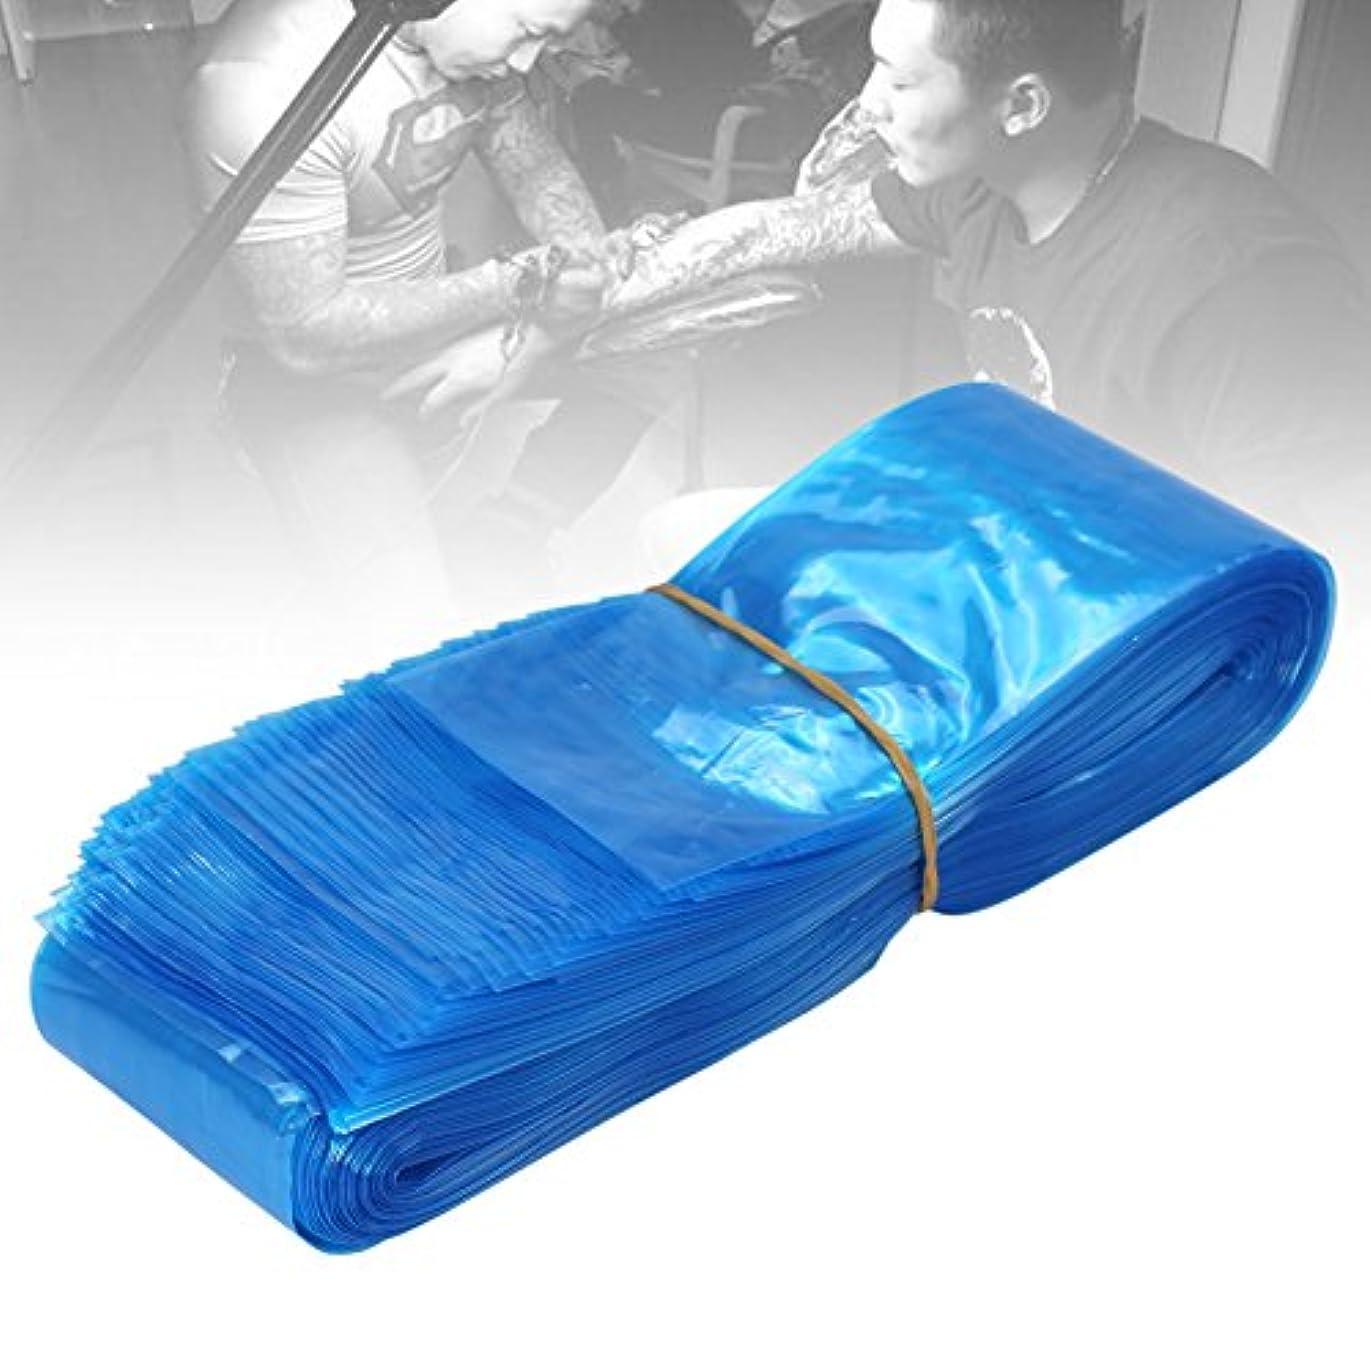 重なるピカリングネクタイ100ピース使い捨てプラスチックブルー医療衛生タトゥーマシンクリップコードフックスリーブカバーバッグ